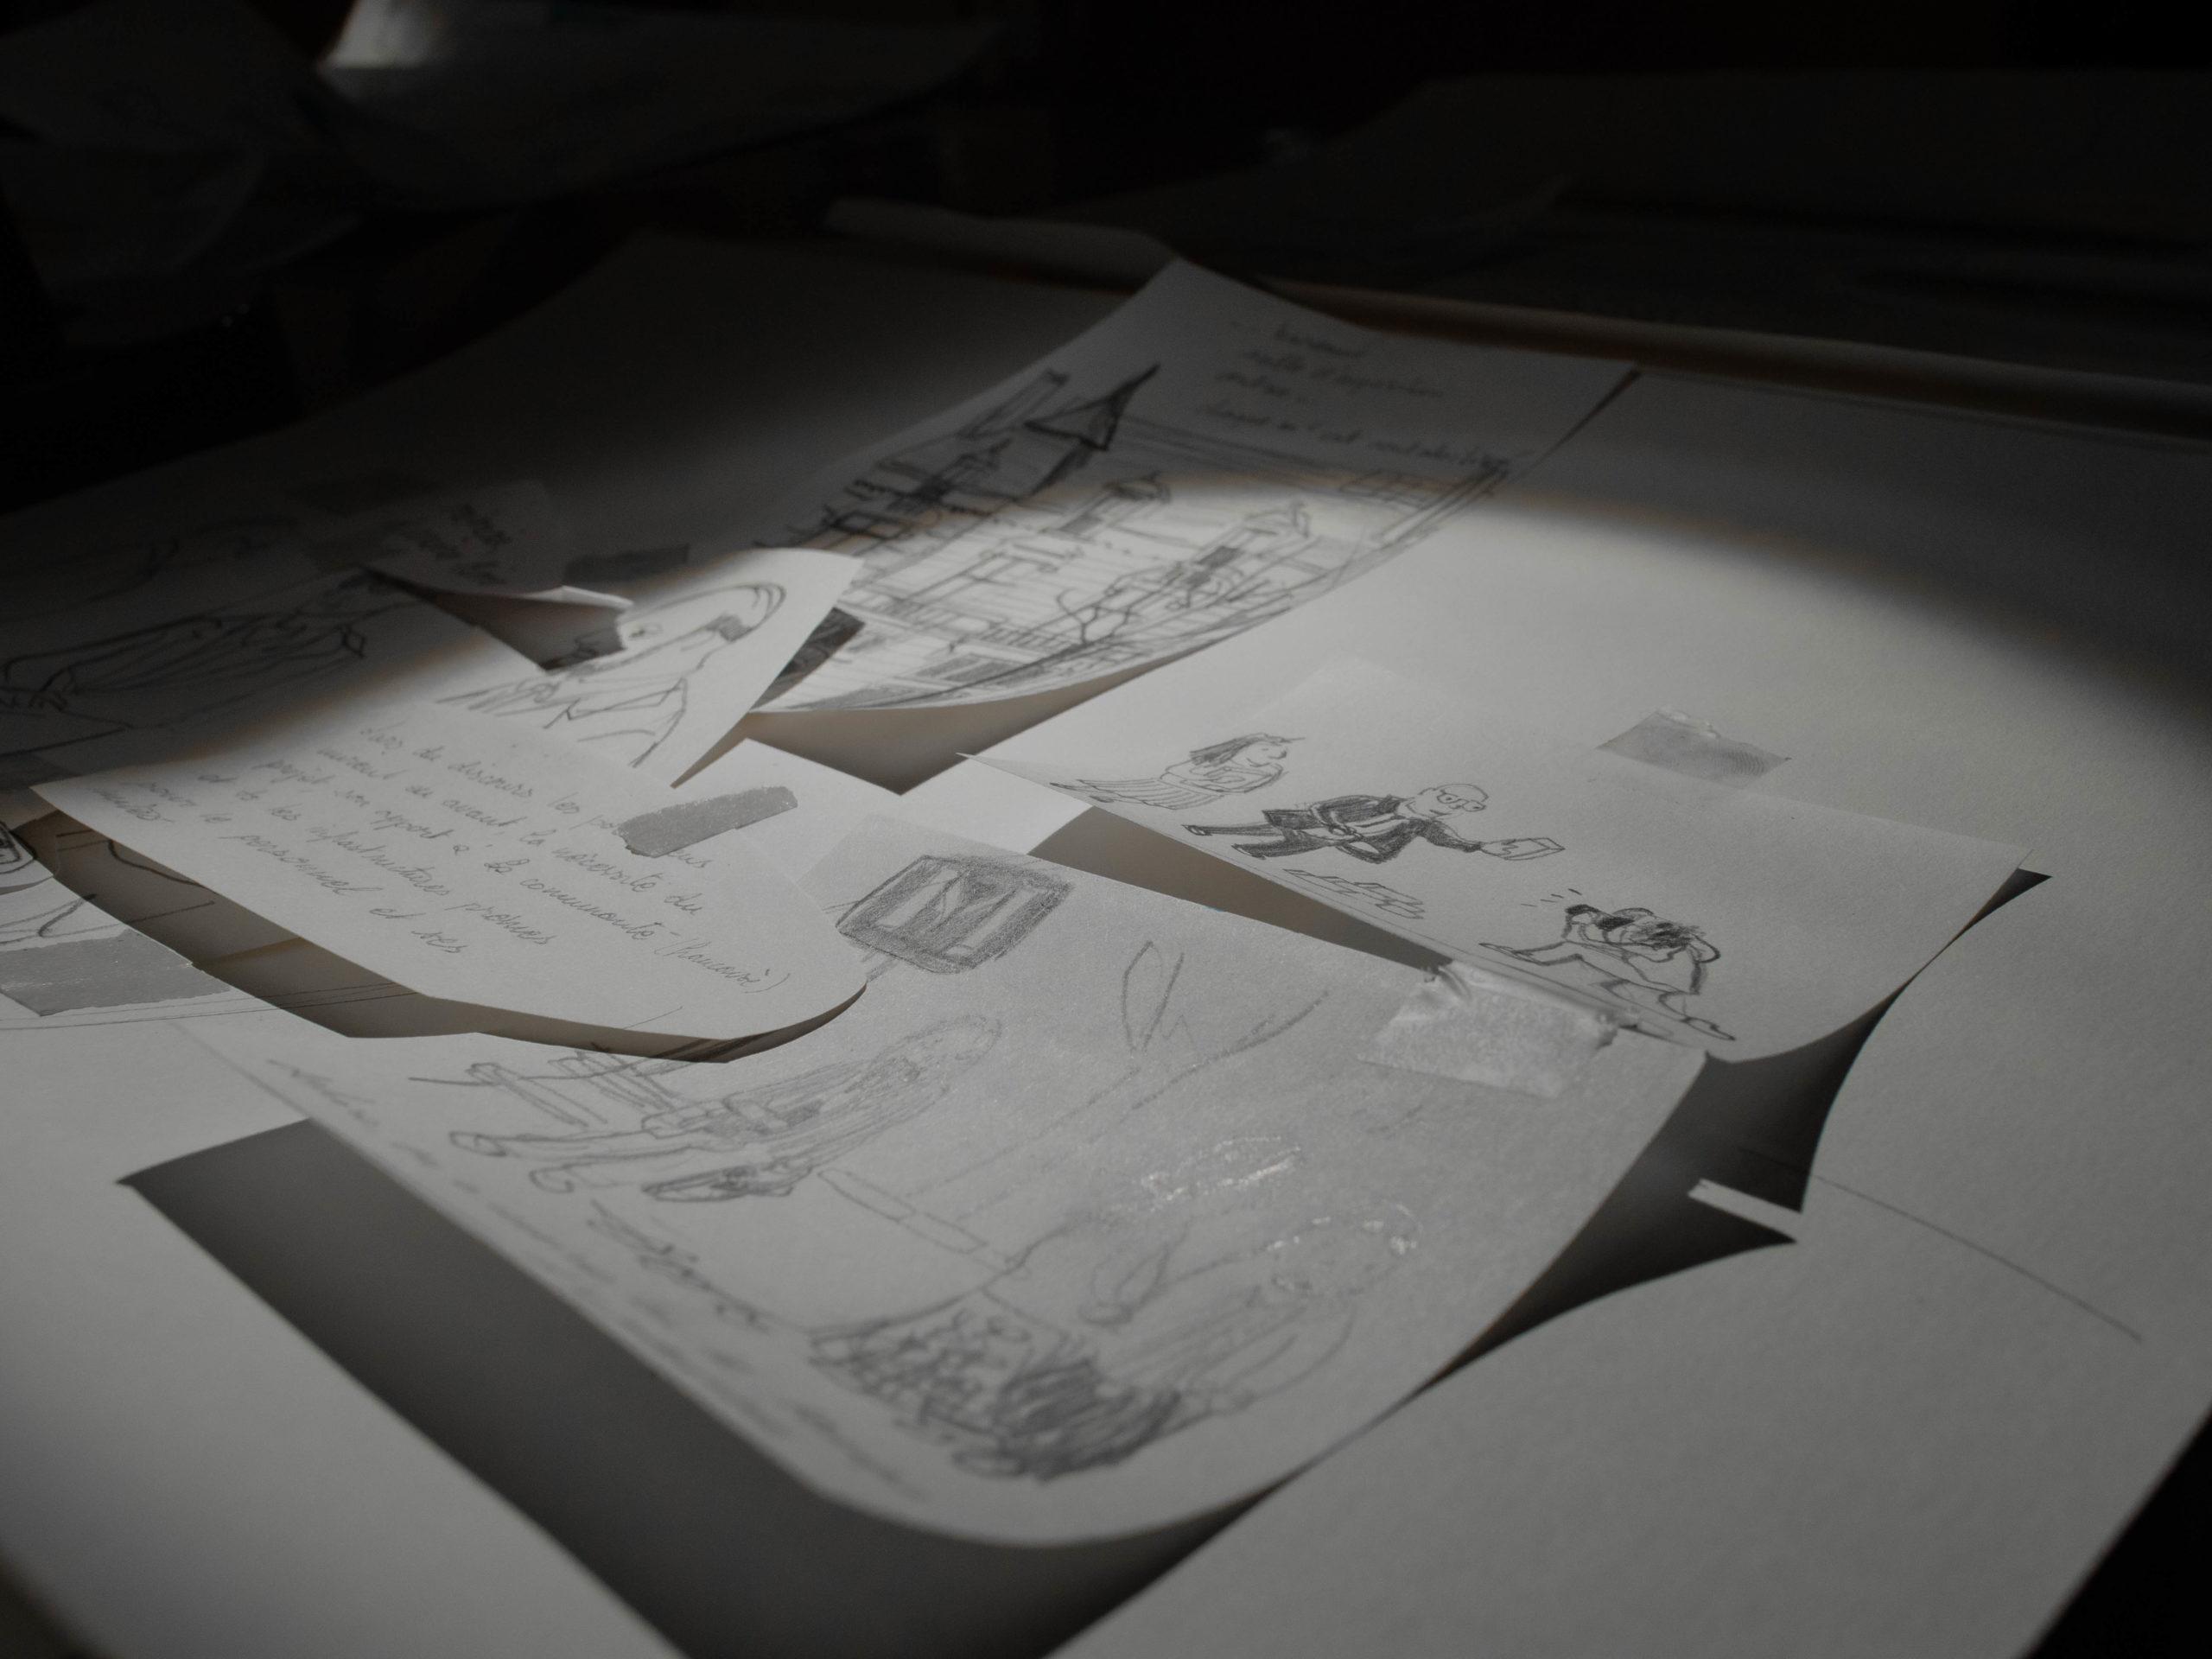 Travail sur le scénario et la mise en place de dessins sur la table de travail